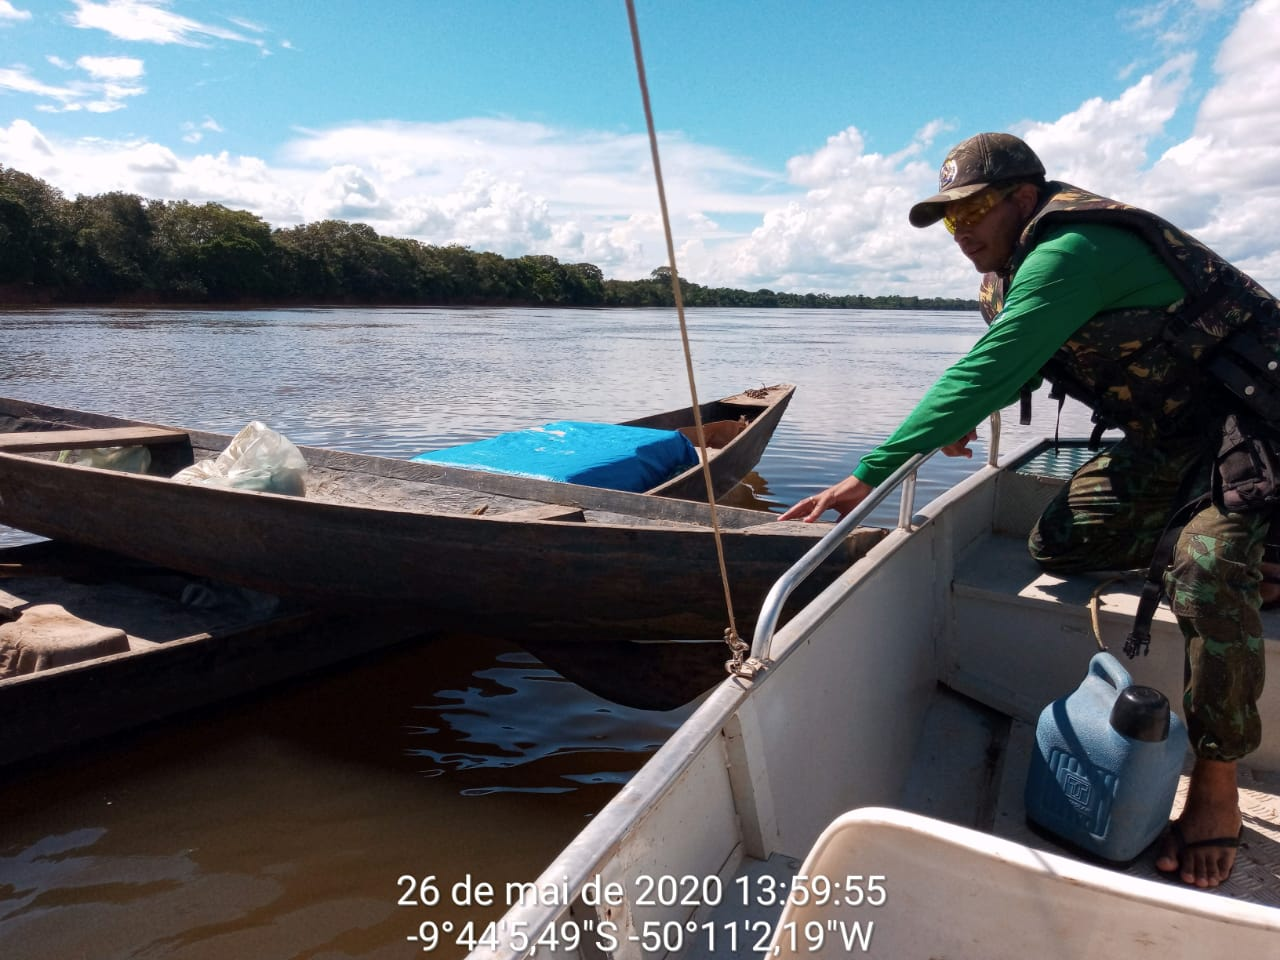 Naturatins realiza patrulhamento aquático em rios e lagos durante Operação Cantão